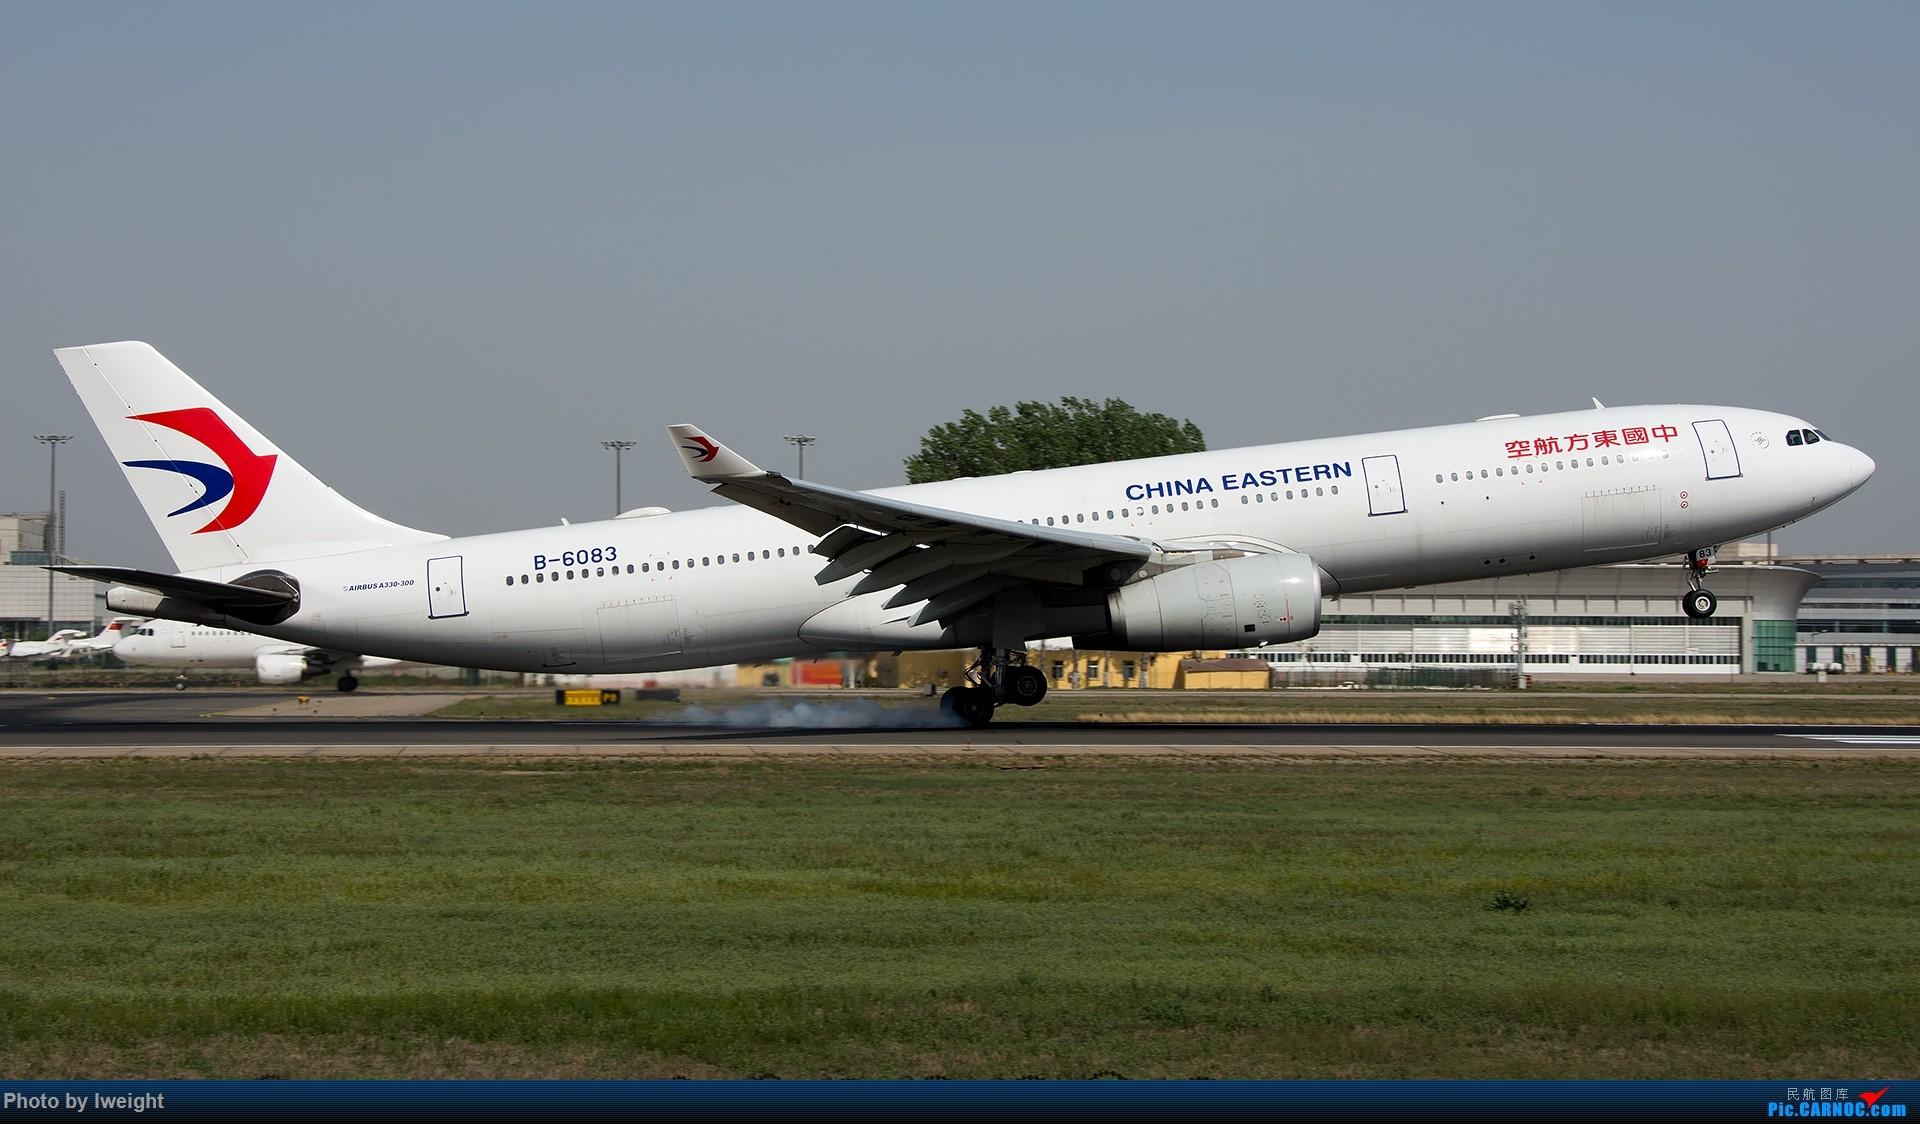 Re:[原创]天气晴朗,继续守候18R【多图】 AIRBUS A330-300 B-6083 中国北京首都国际机场